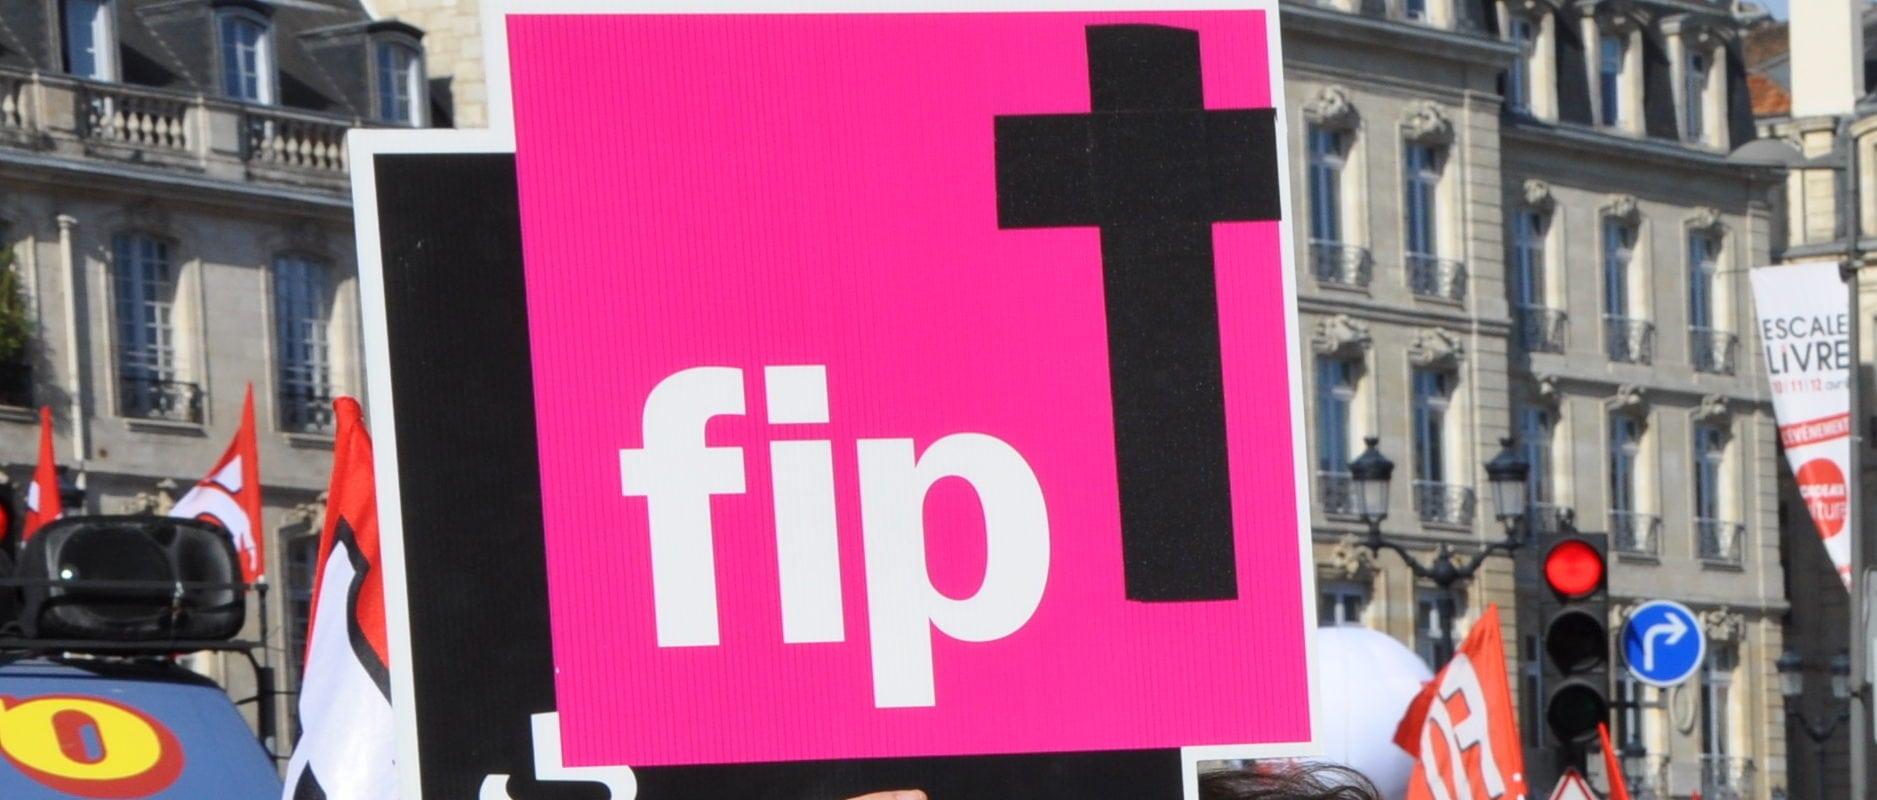 Nouvel appel à mobilisation pour sauver la radio Fip